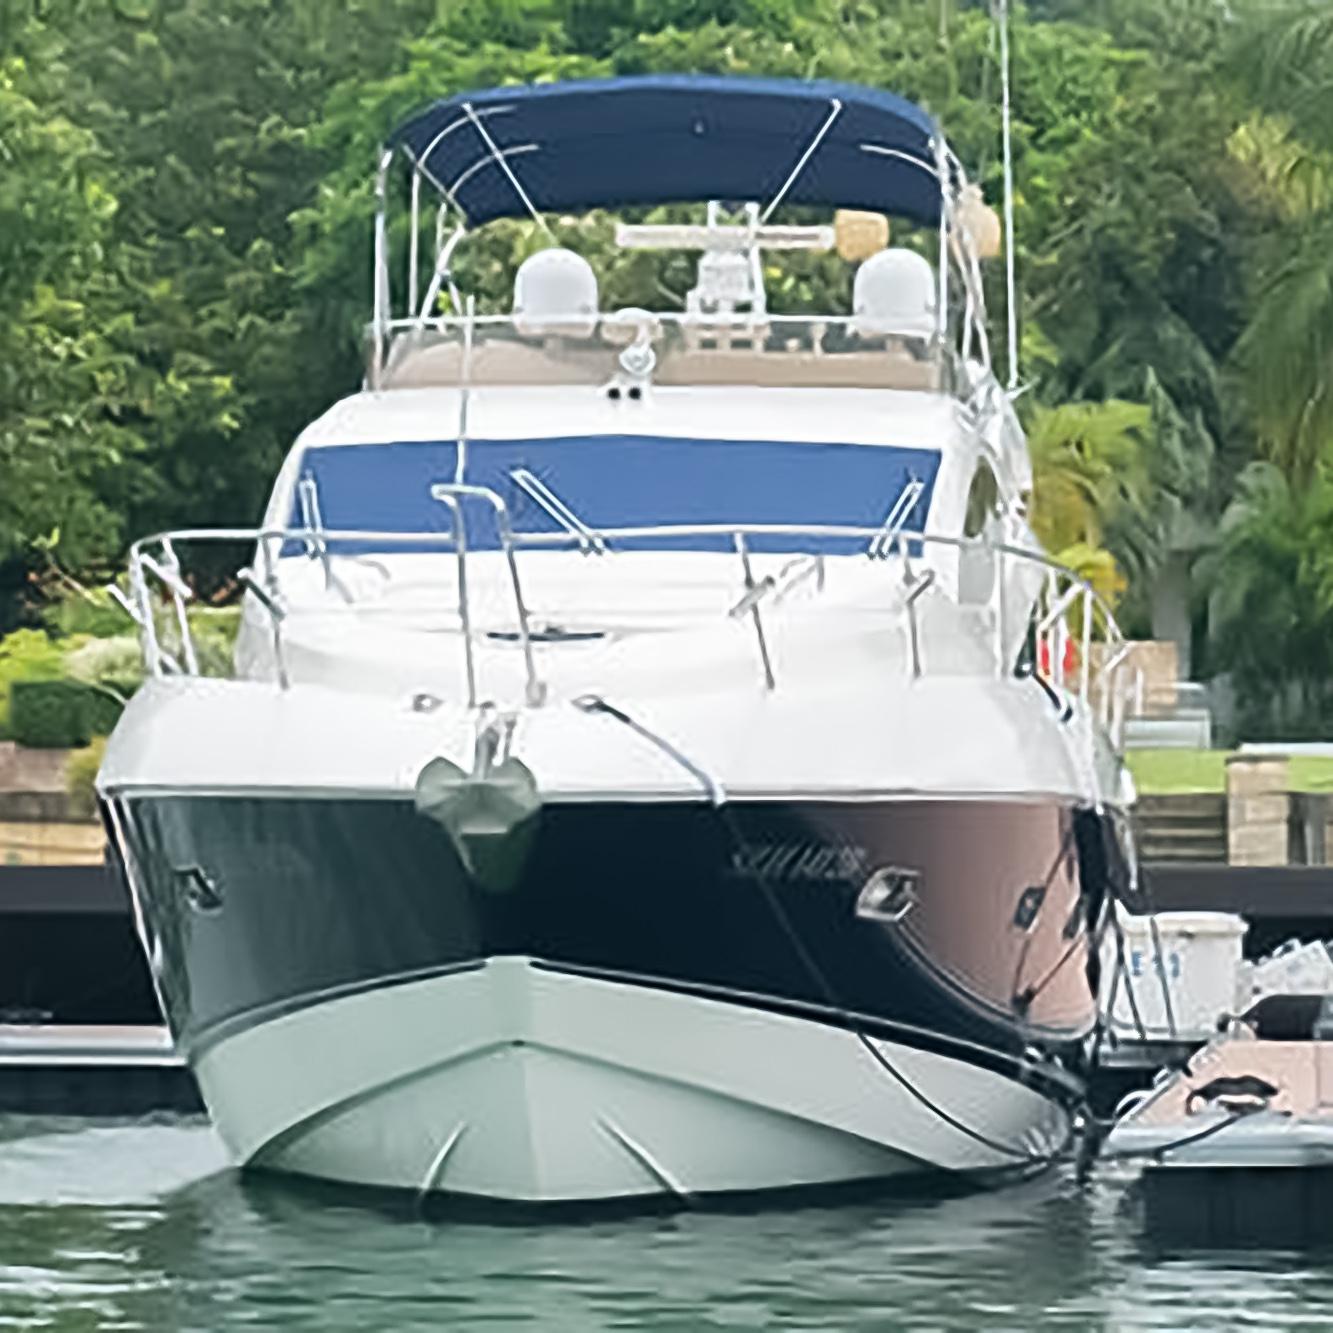 Yacht Tour - Luxurious Motor Yacht Tour (Sunseeker)